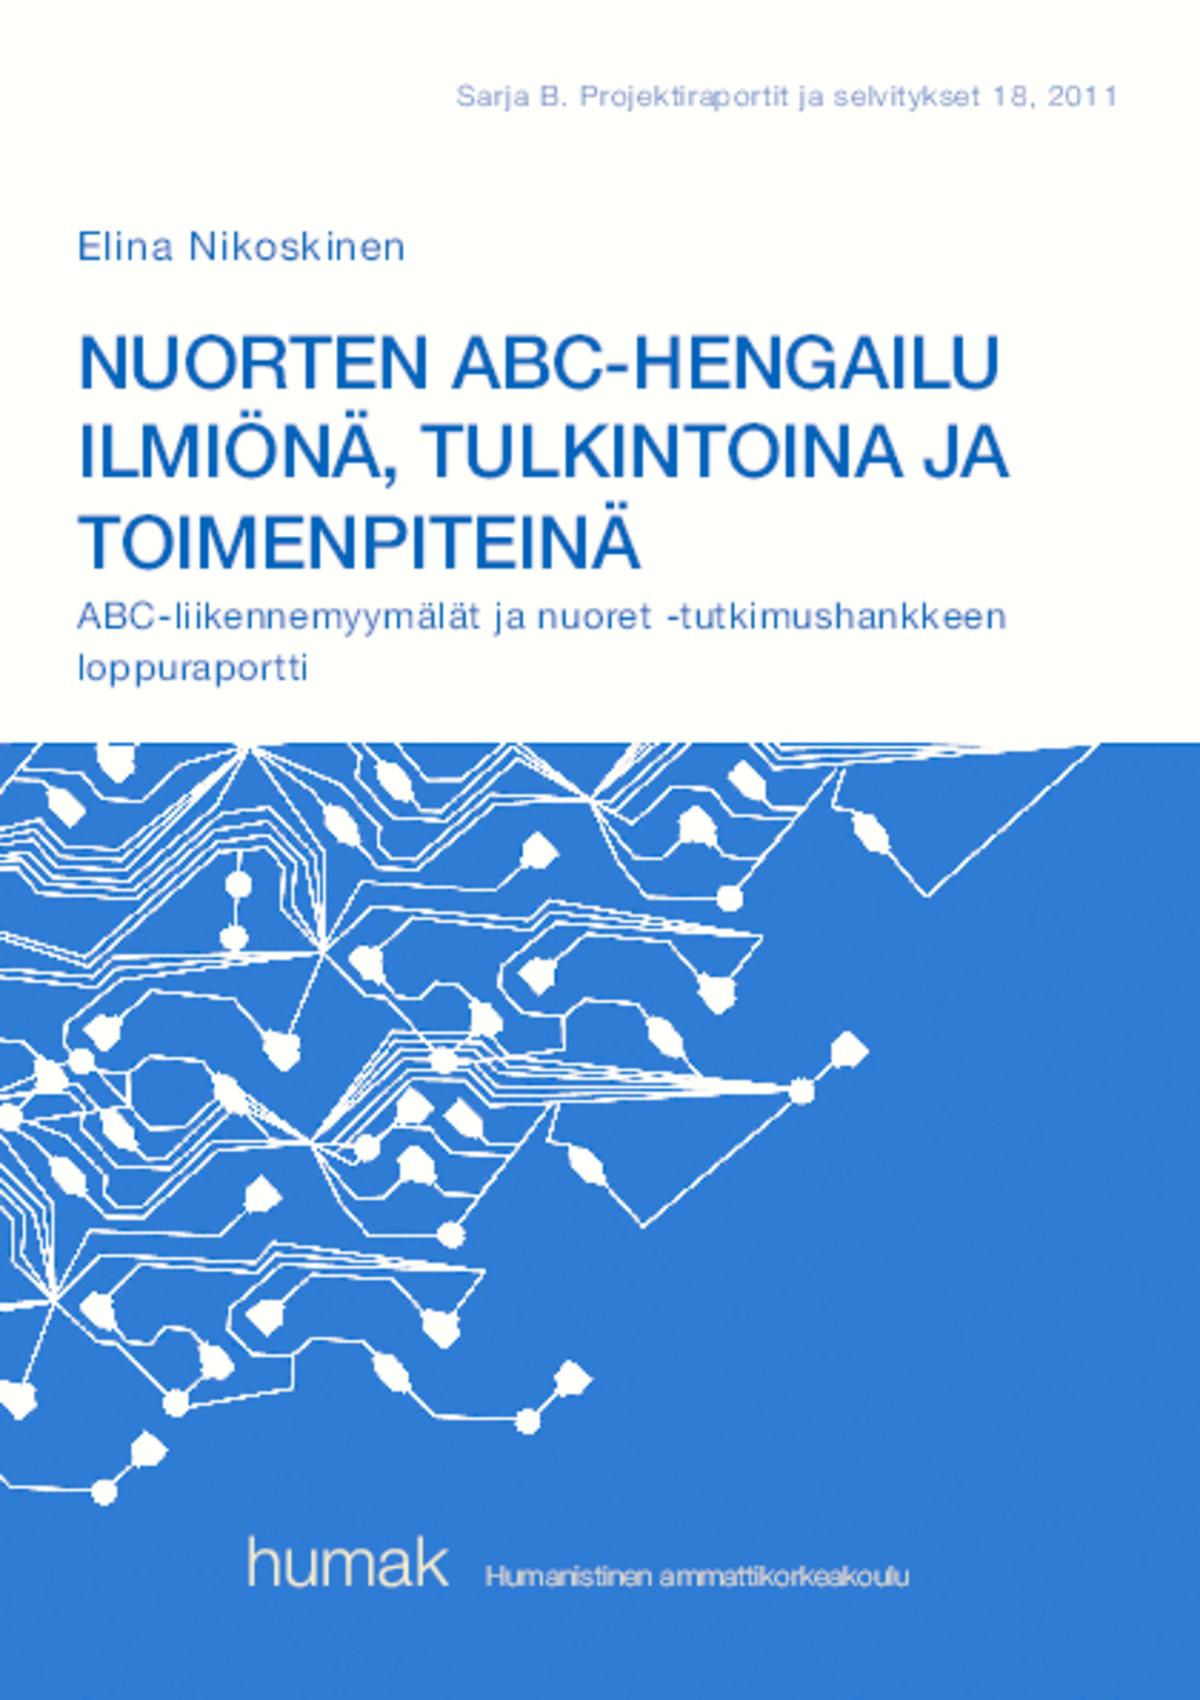 ABC-hengailu ilmiönä